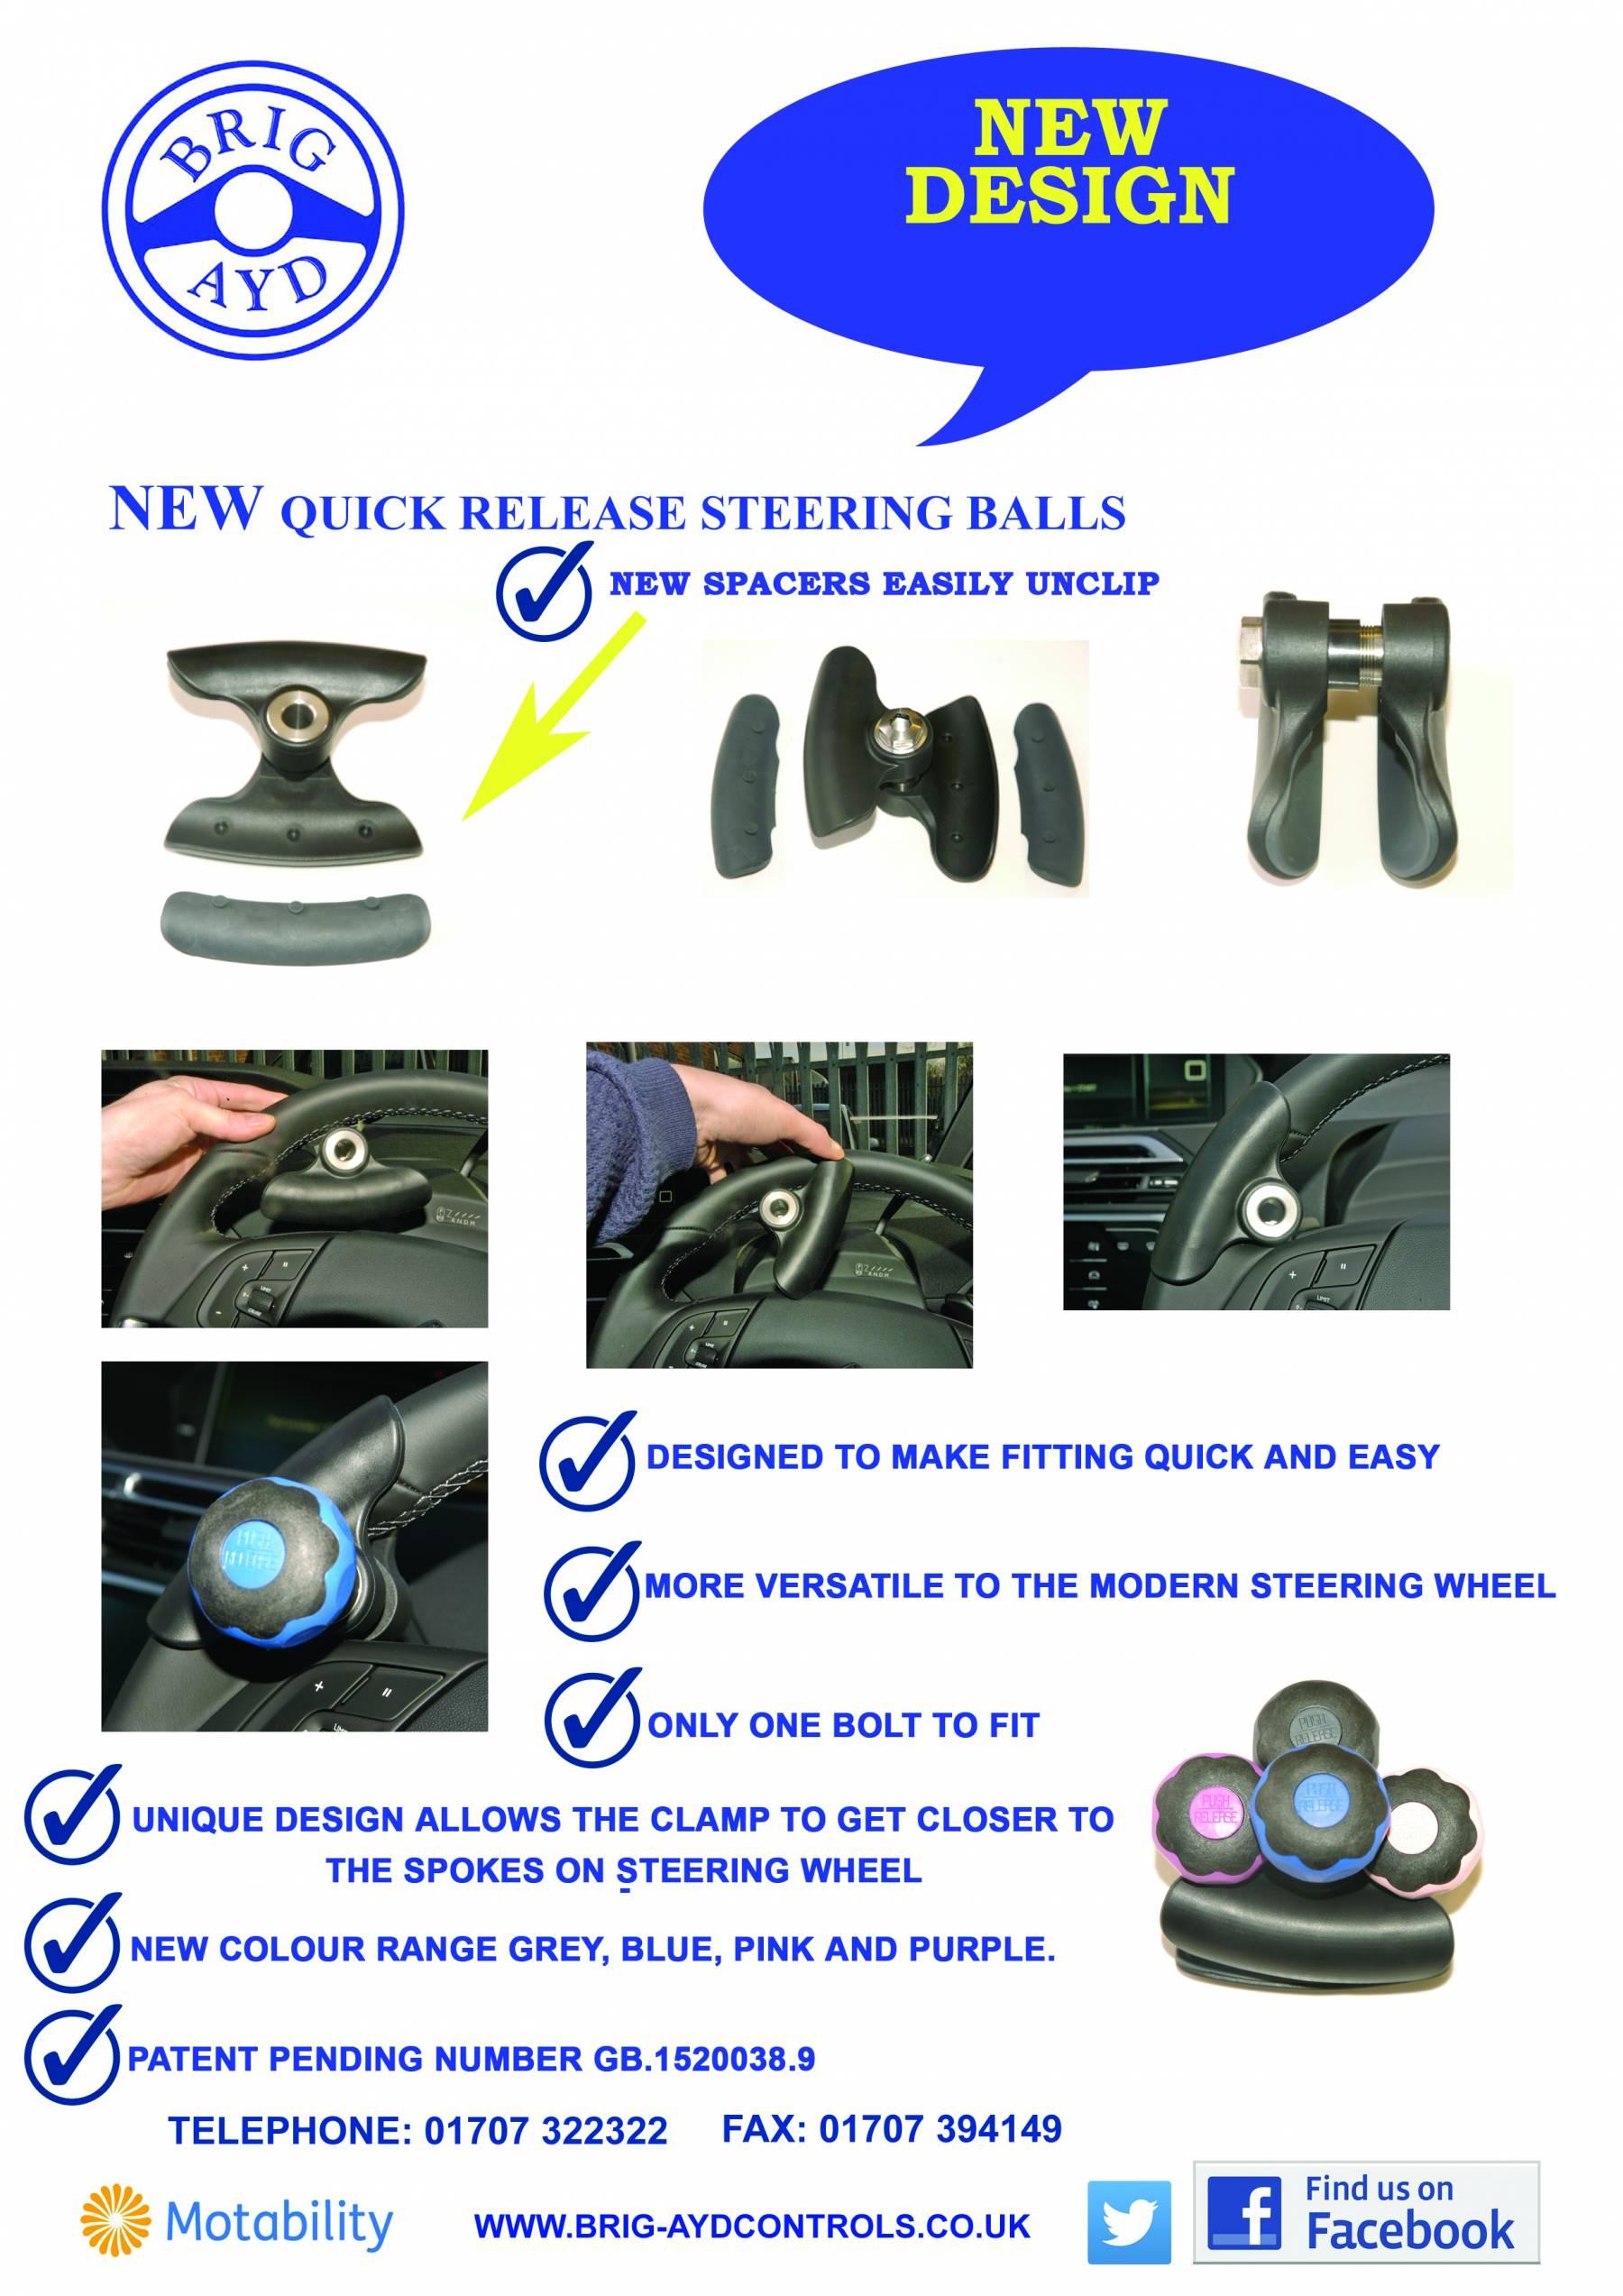 New Quick Release Steering Balls